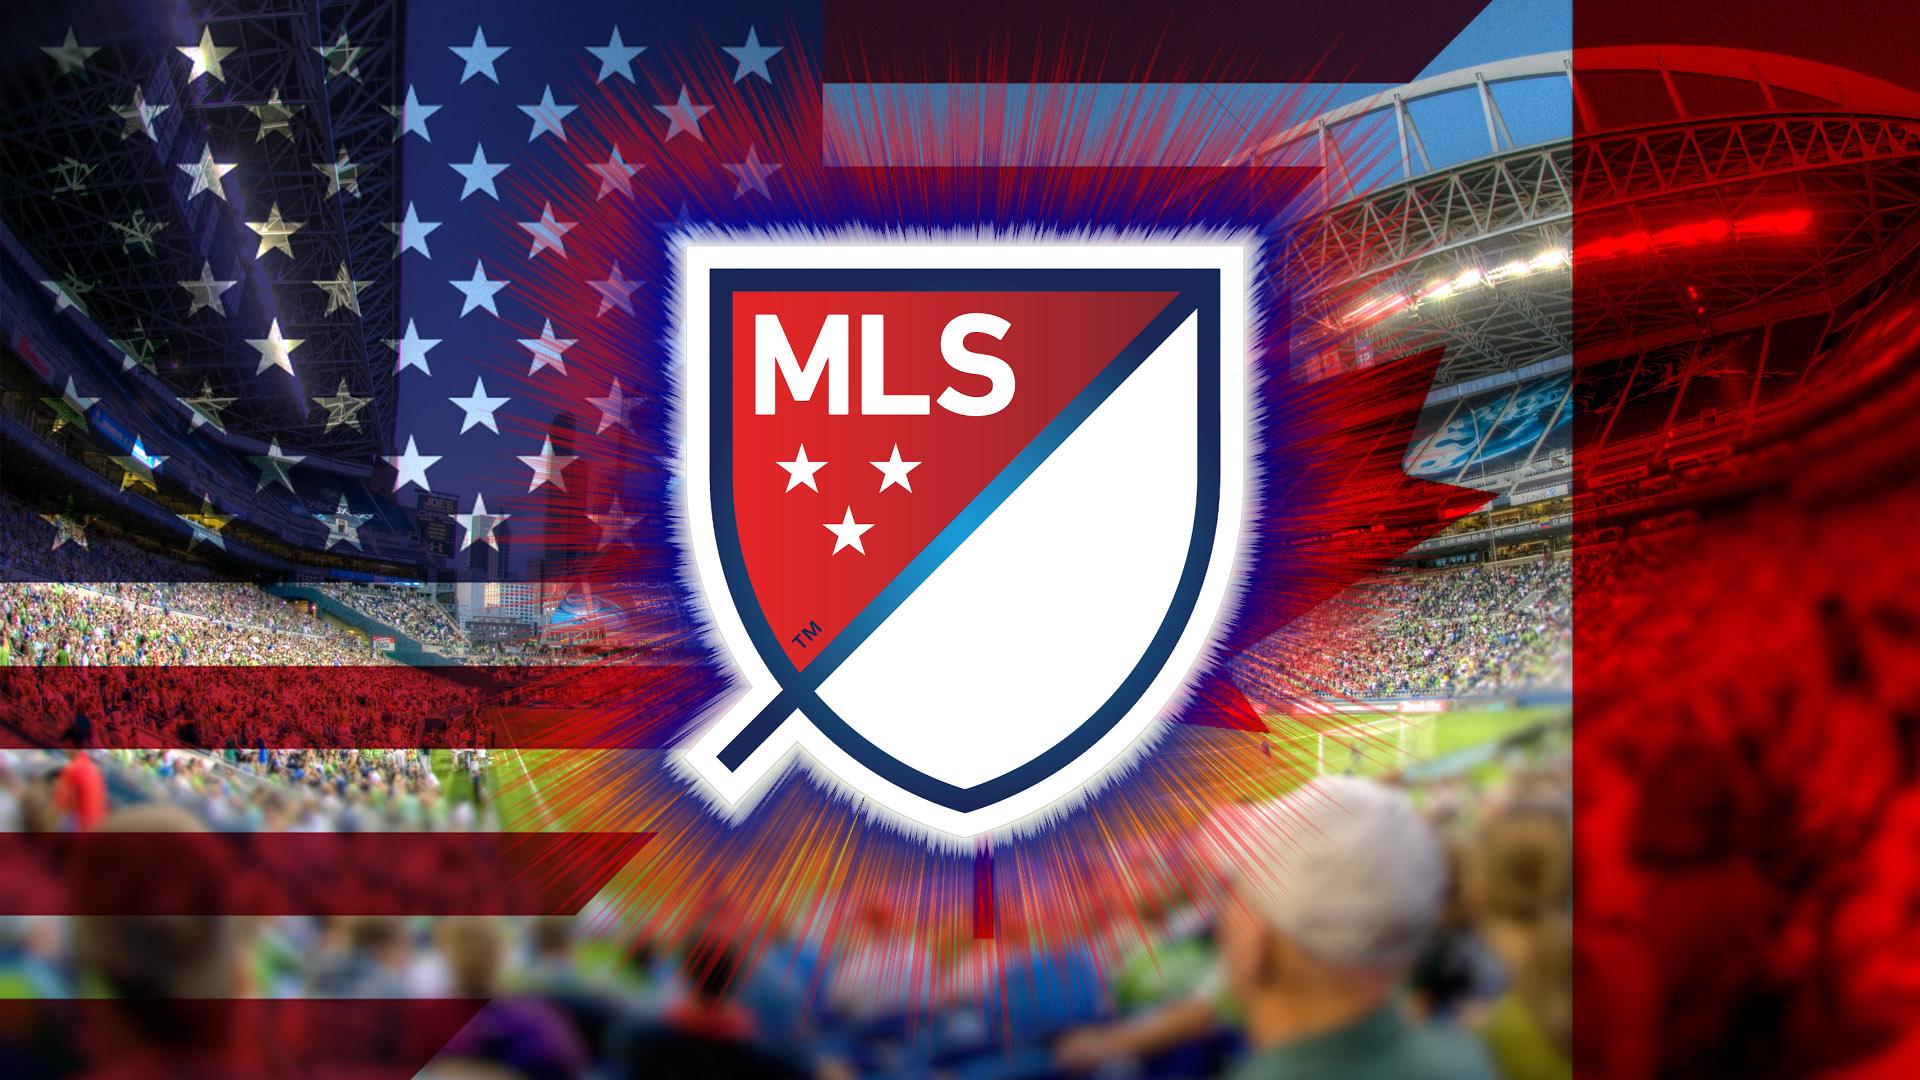 [49+] MLS Wallpaper on WallpaperSafari